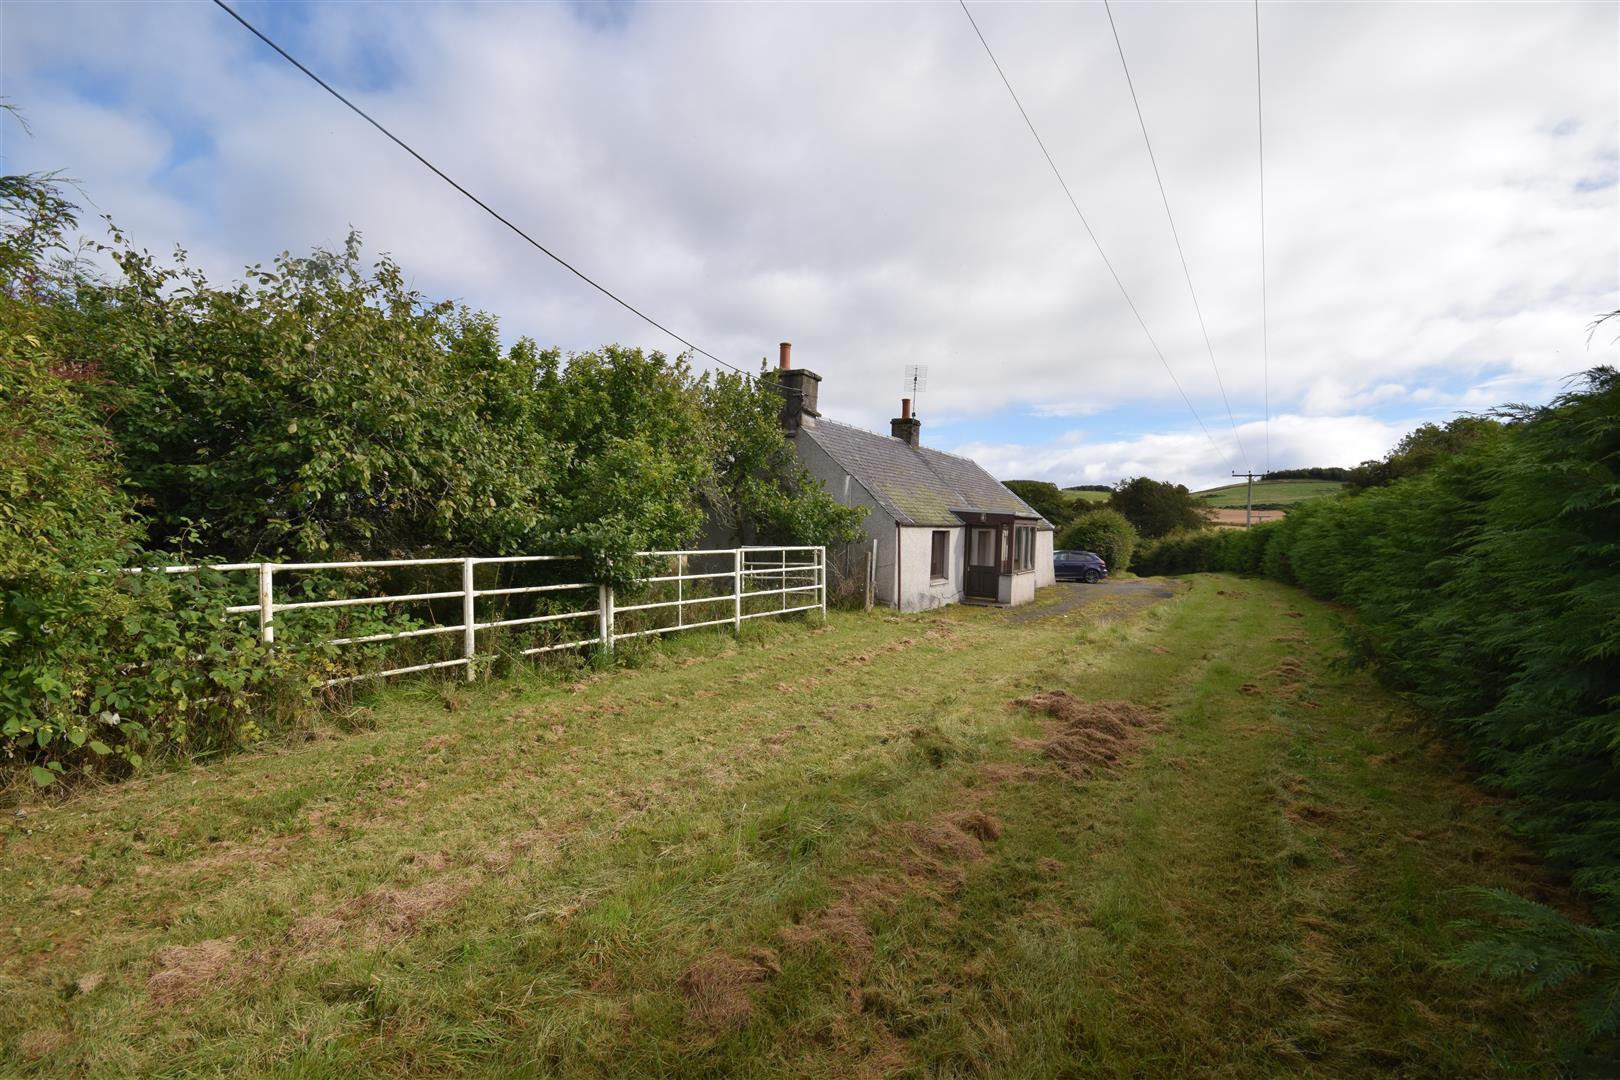 Maidenwell Cottage, Murrayshall, Perth, Perthshire, PH2 7PN, UK